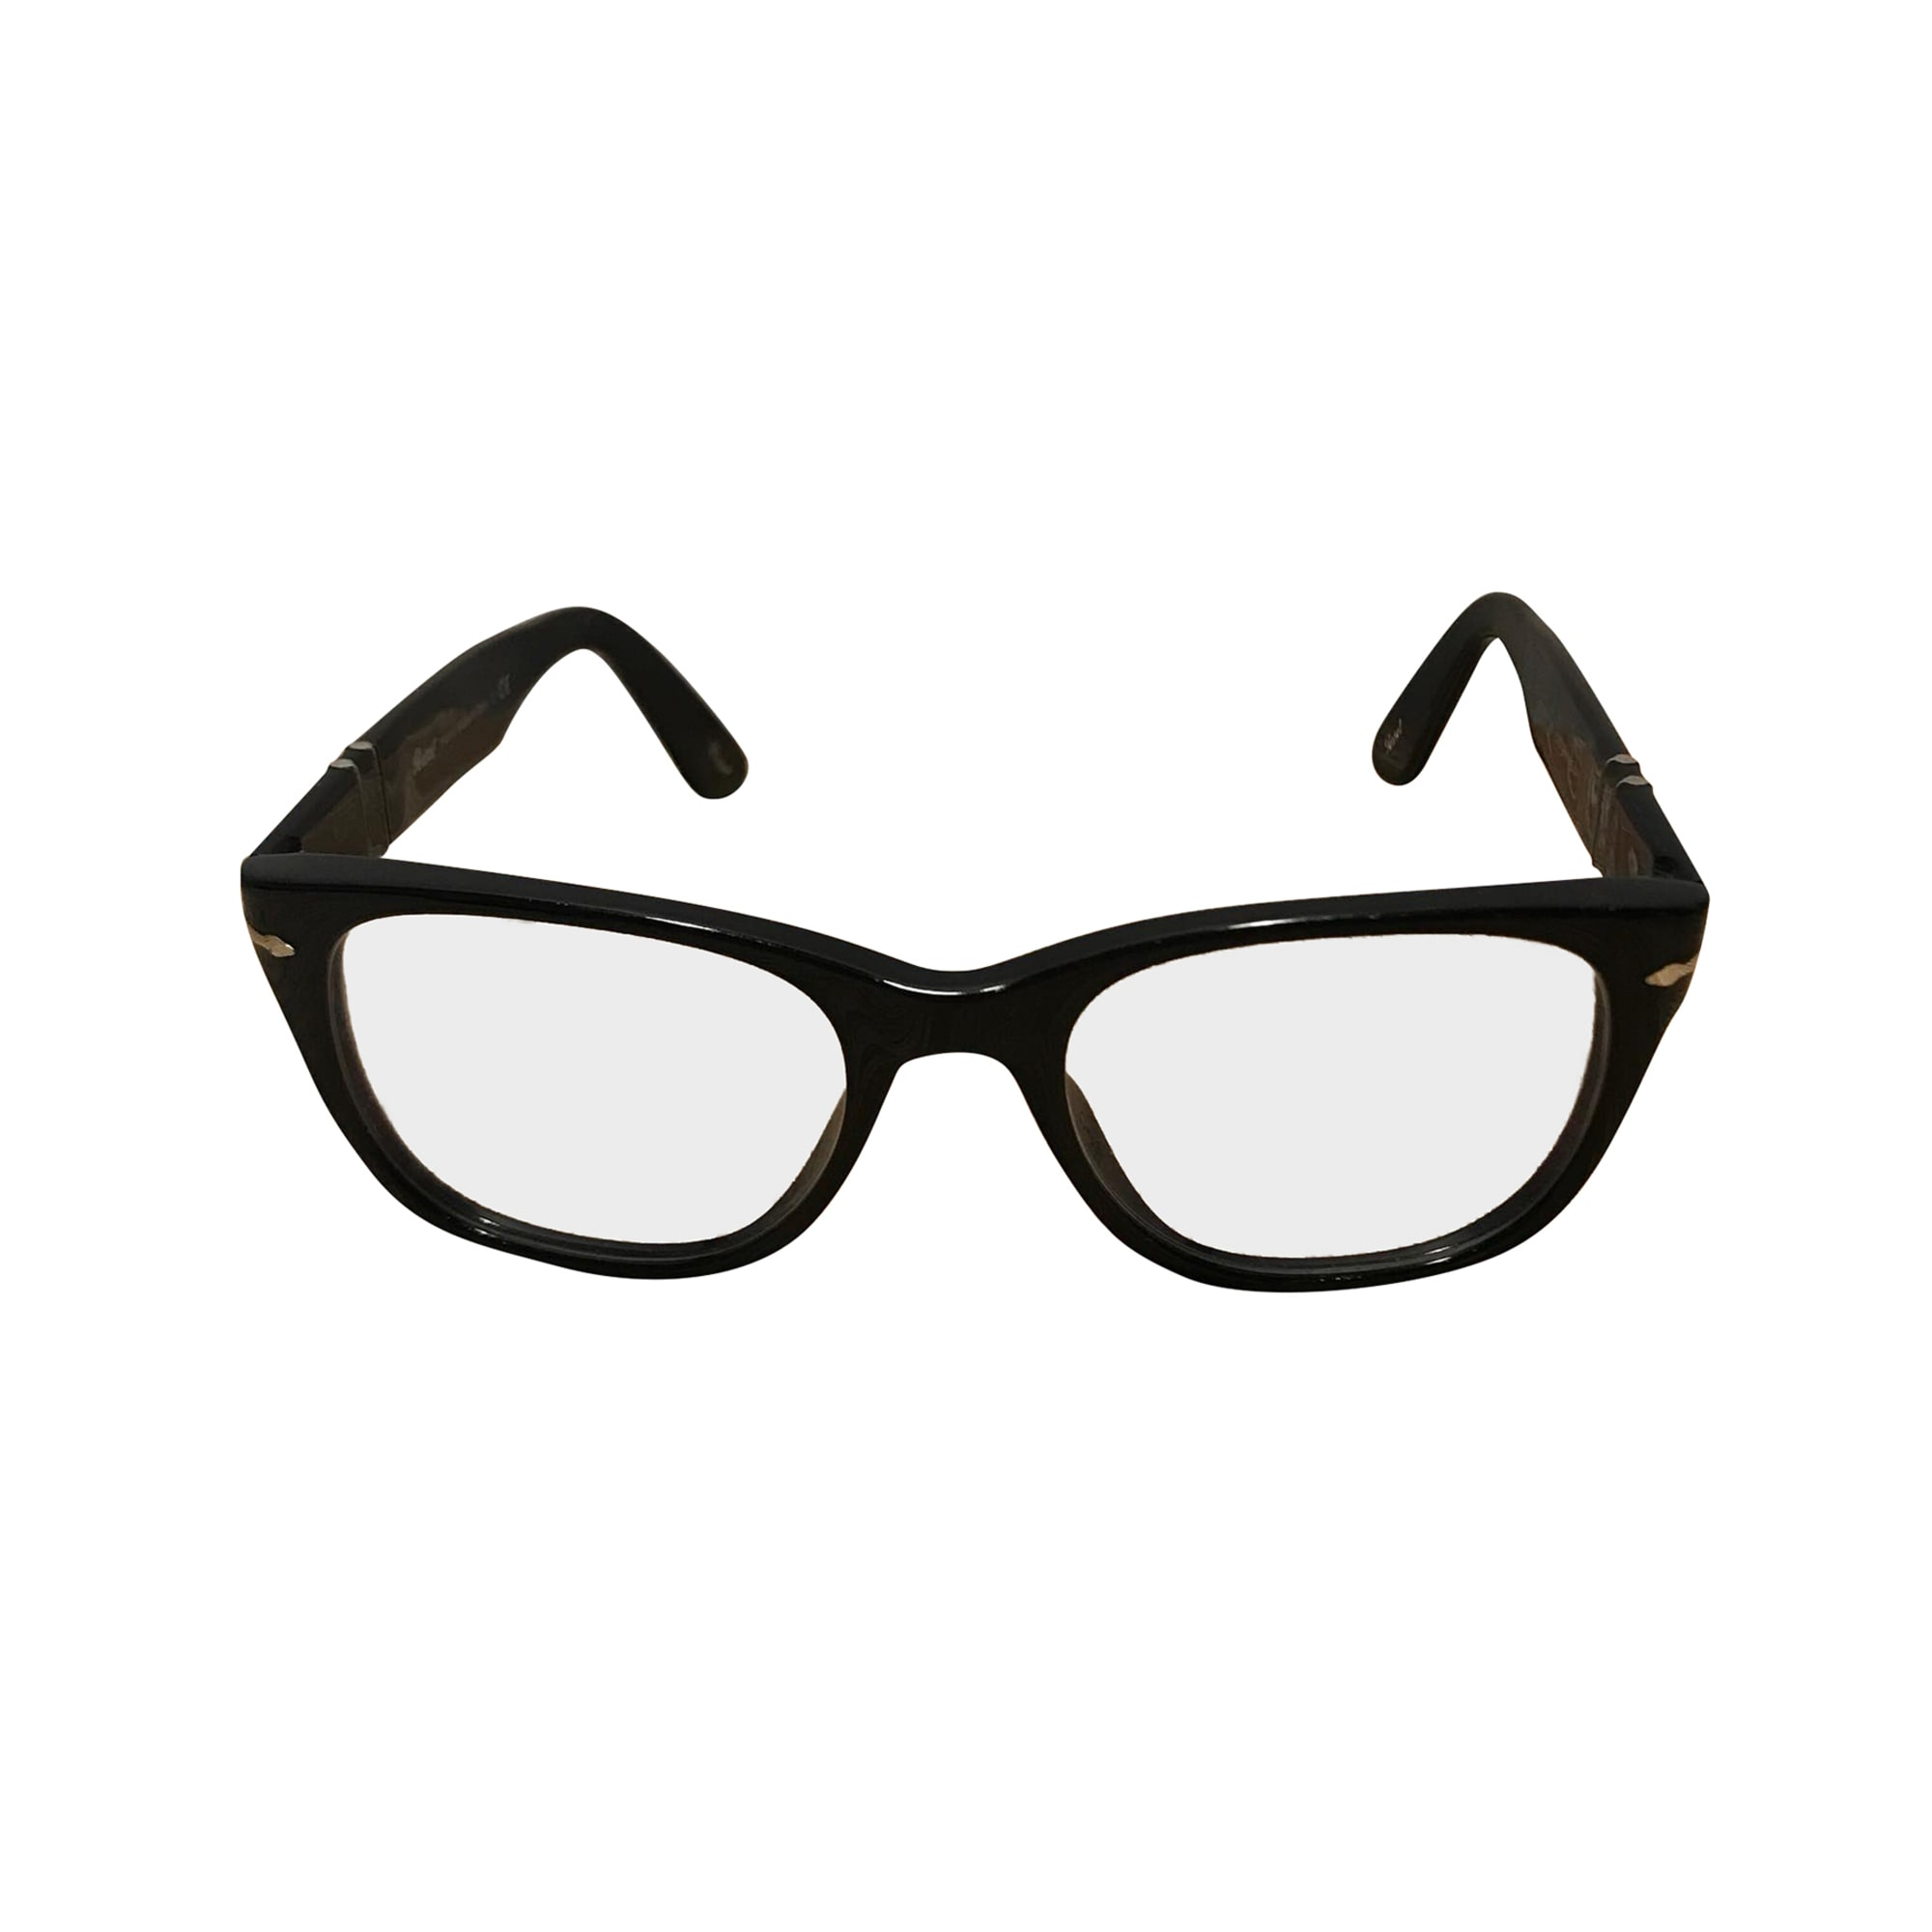 744a6f66ce6 Monture de lunettes PERSOL noir - 7374929